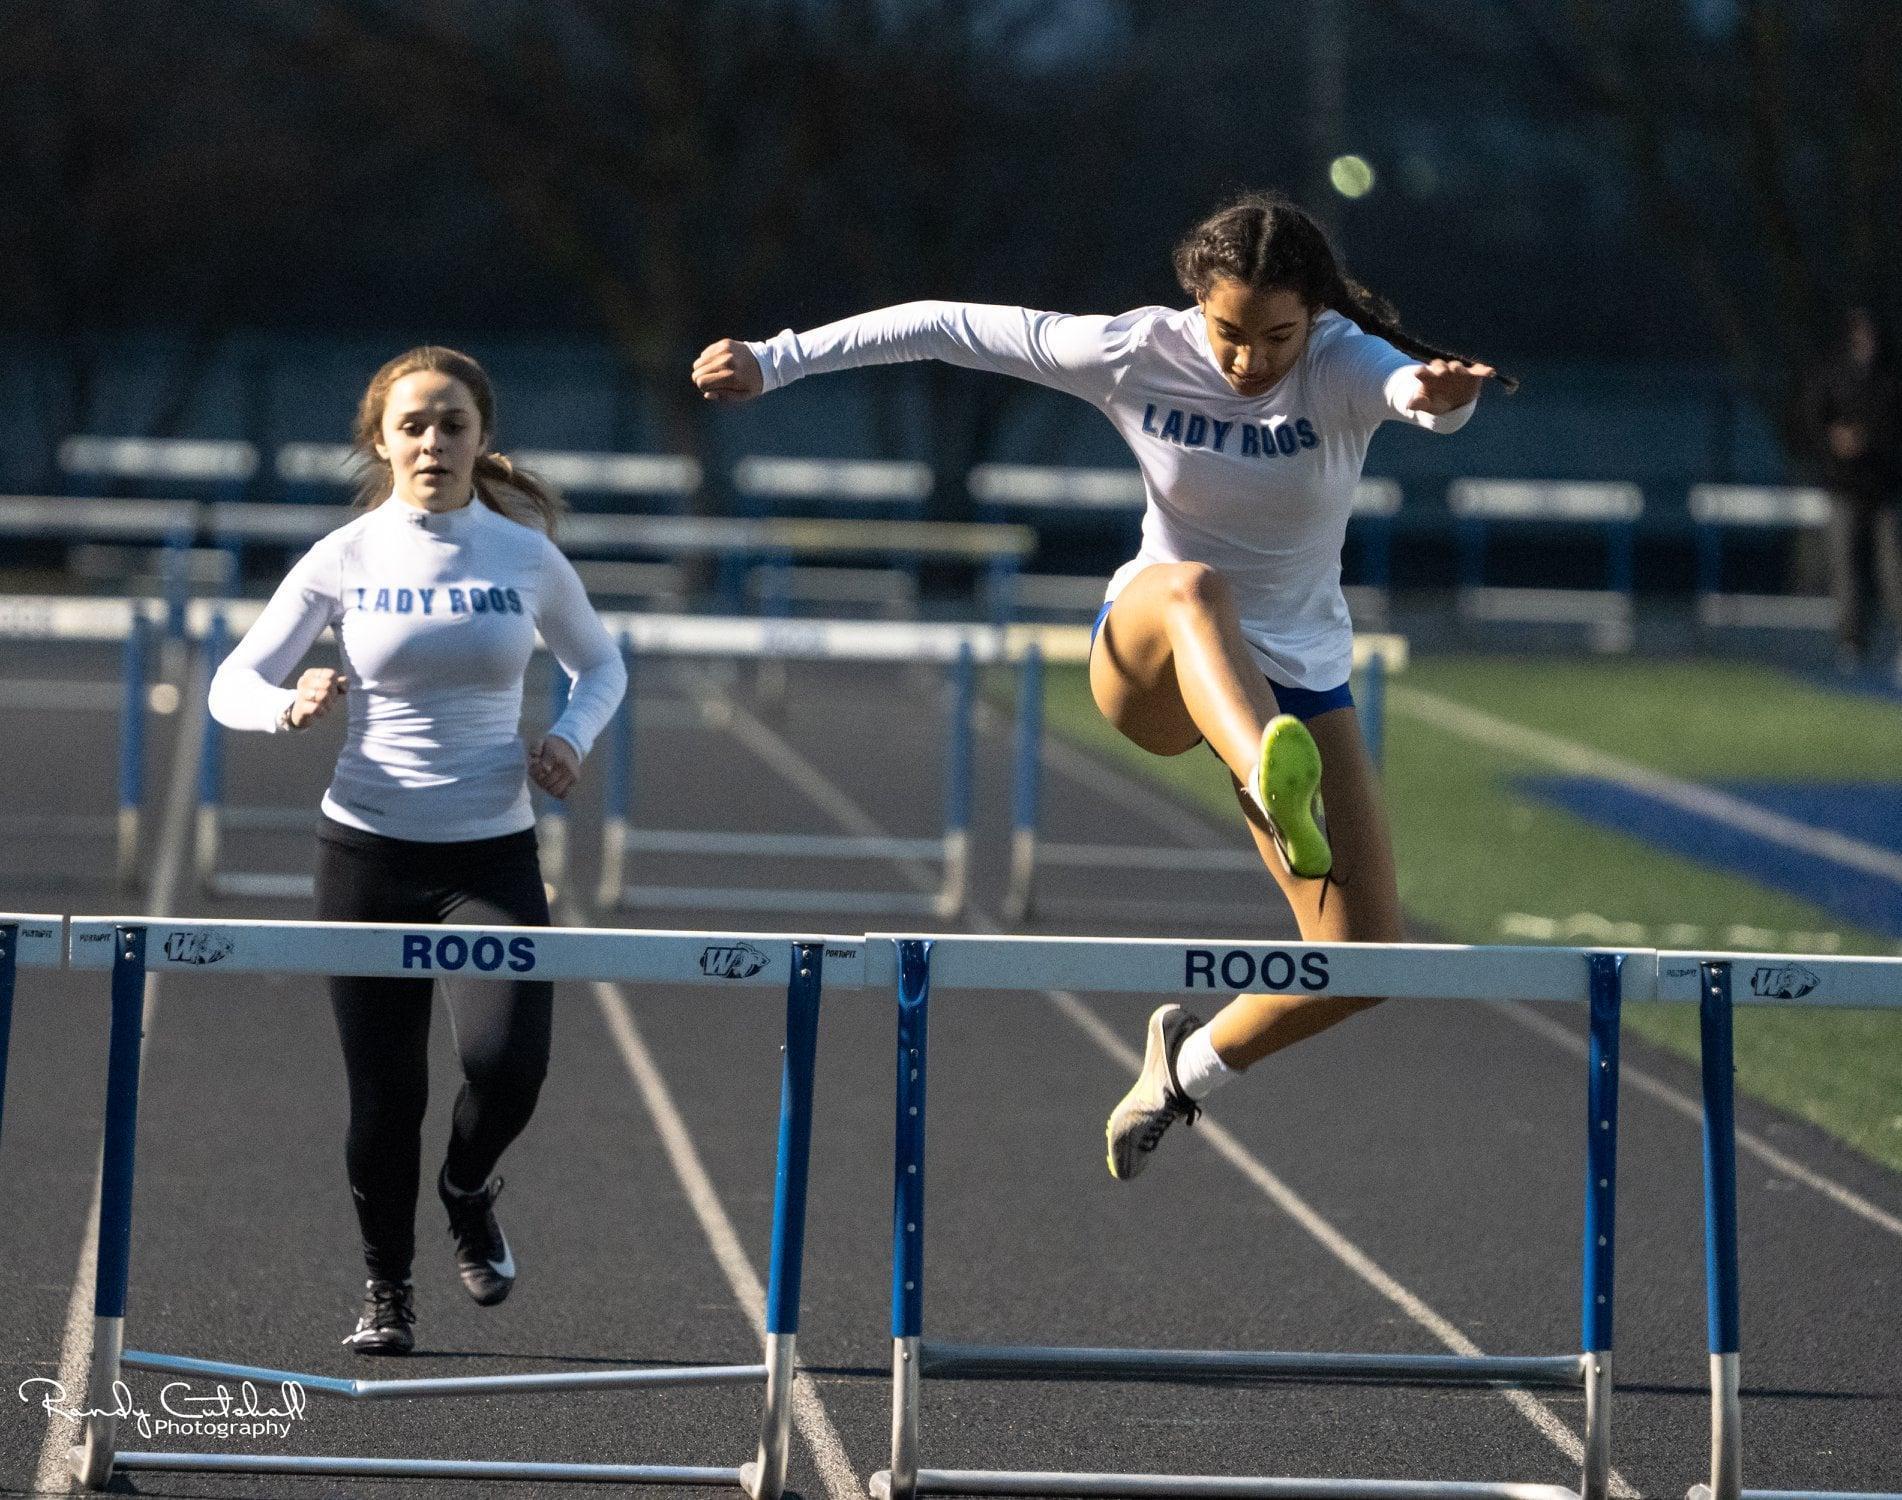 Roos Running Hurdles at a Track Meet